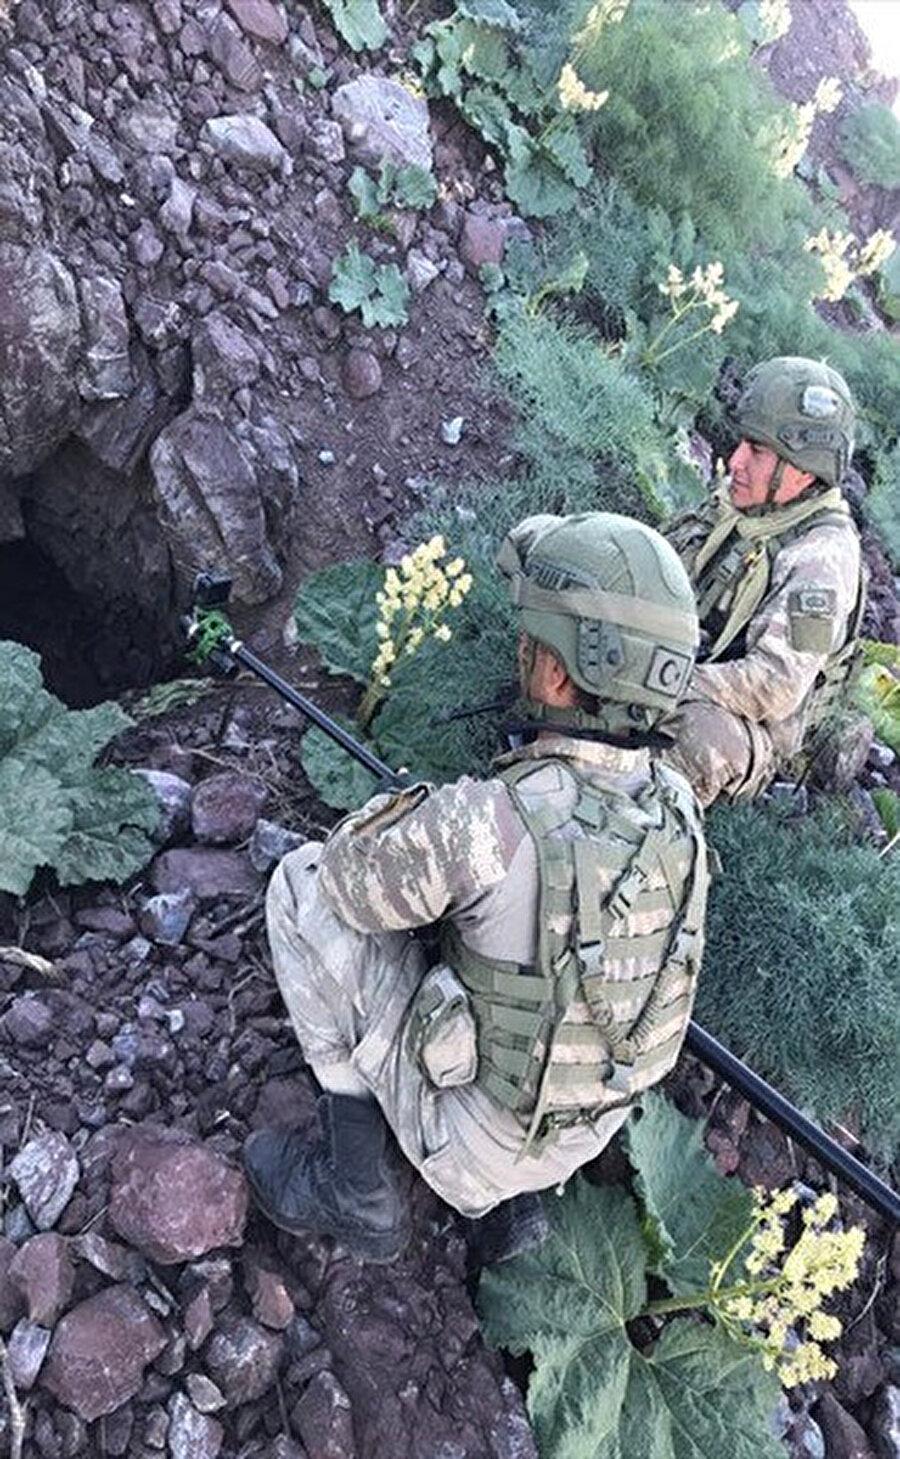 Terör örgütüne ait olduğu belirlenen mağaralardaki malzemeler imha ediliyor.